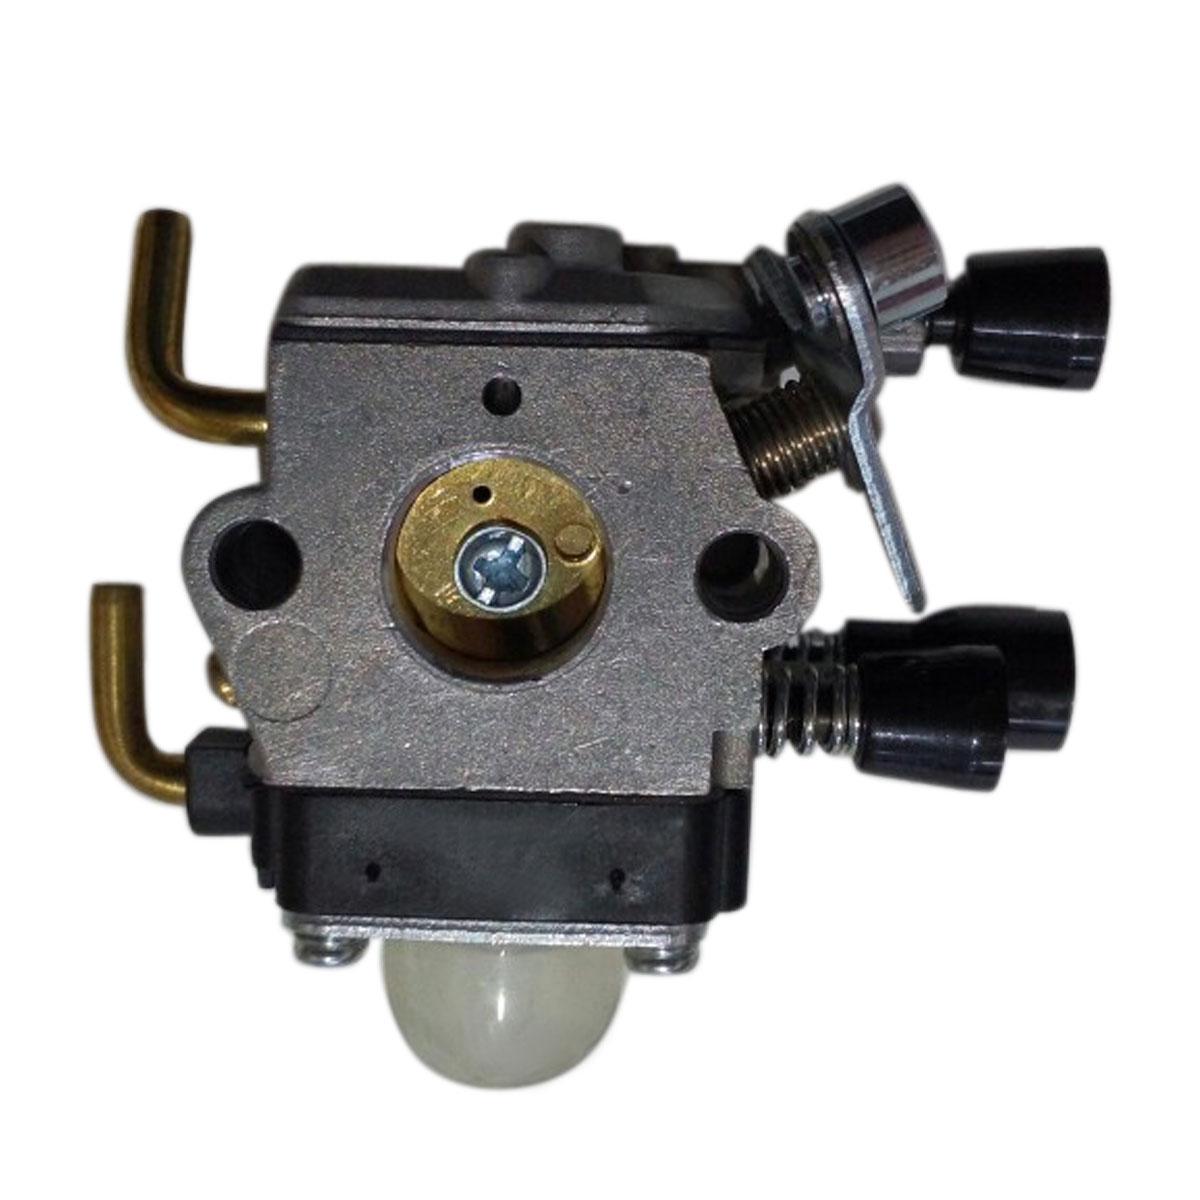 Carburetor Carb Fits Type FS75 FS80 FS85 FC75 FC85 HT70 HT75 SP85 Trimmer